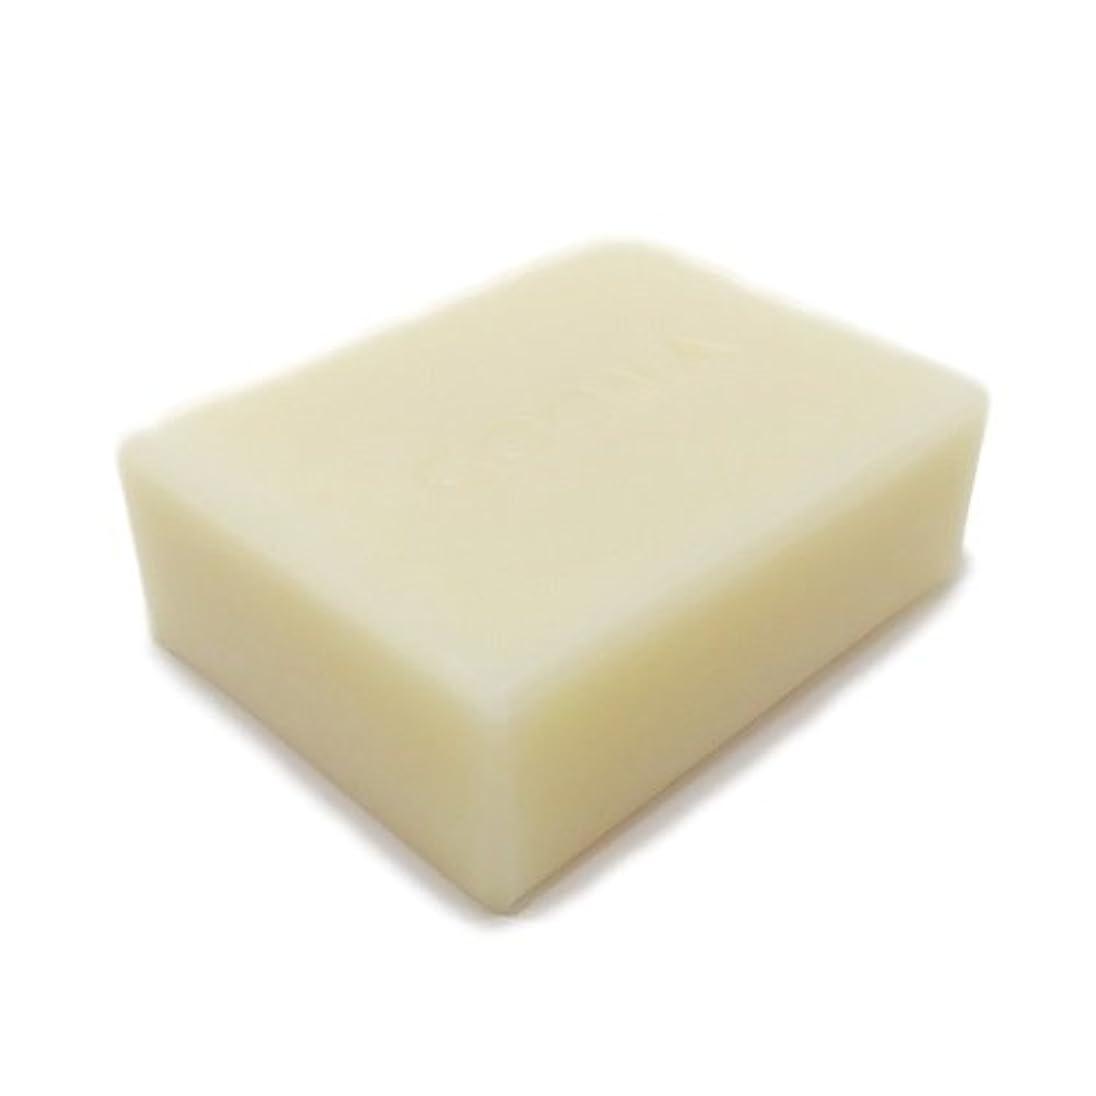 軍通貨精神的に浴用石鹸 COONA和の香り石けん はっか (天然素材 自然派 コールドプロセス 手作り せっけん) 80g